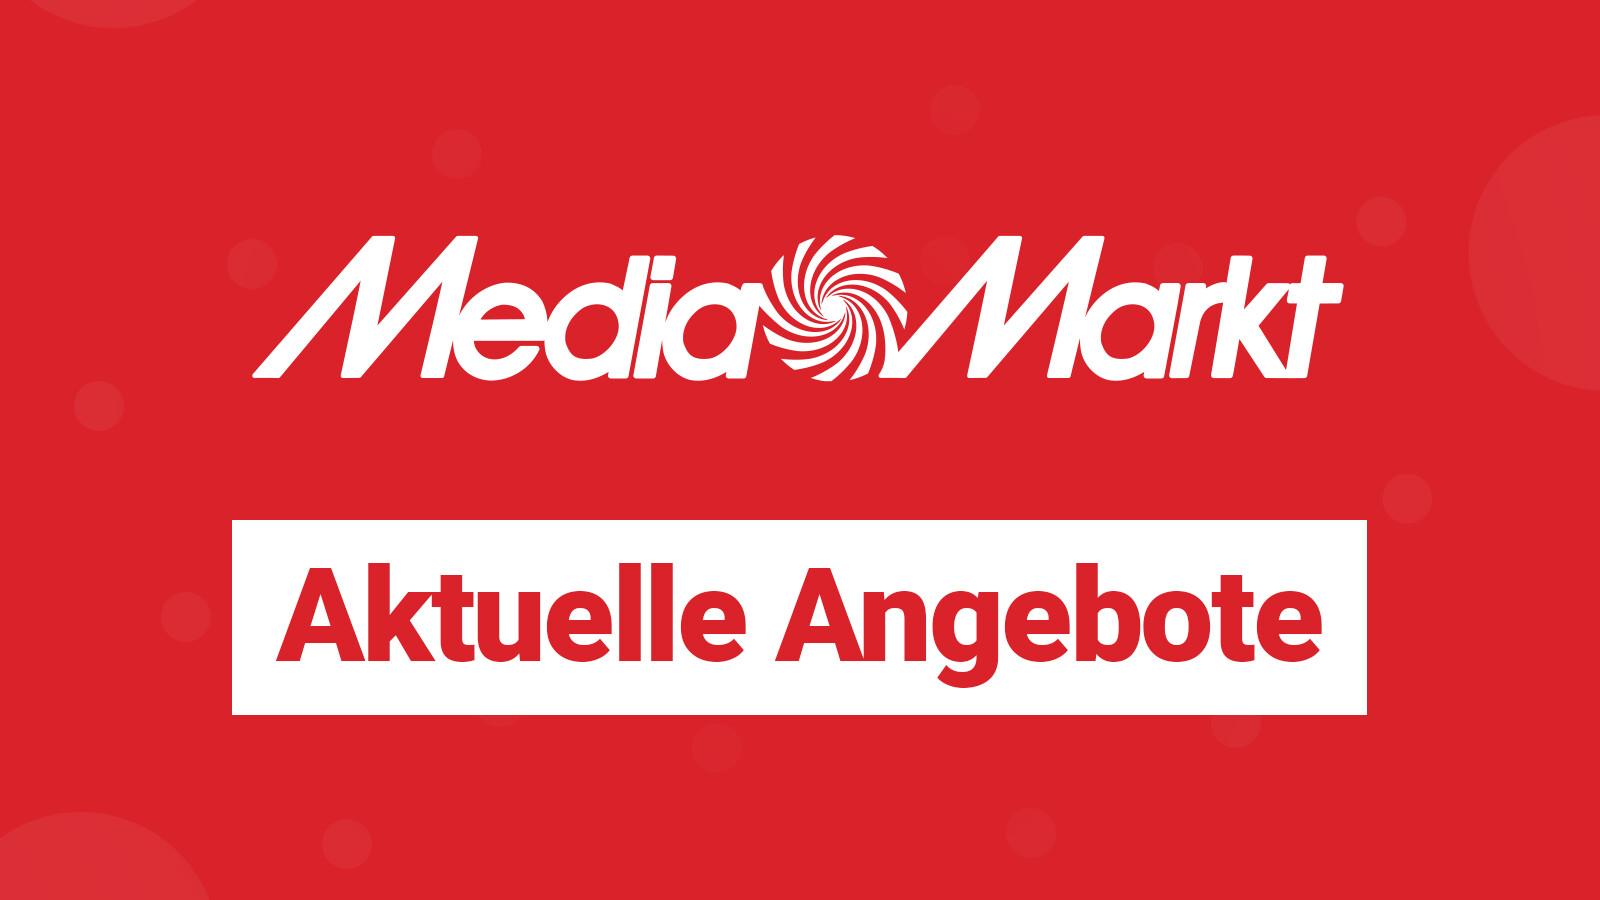 Media Markt-Angebote: Bei diesen Technik-Deals spart ihr bares Geld